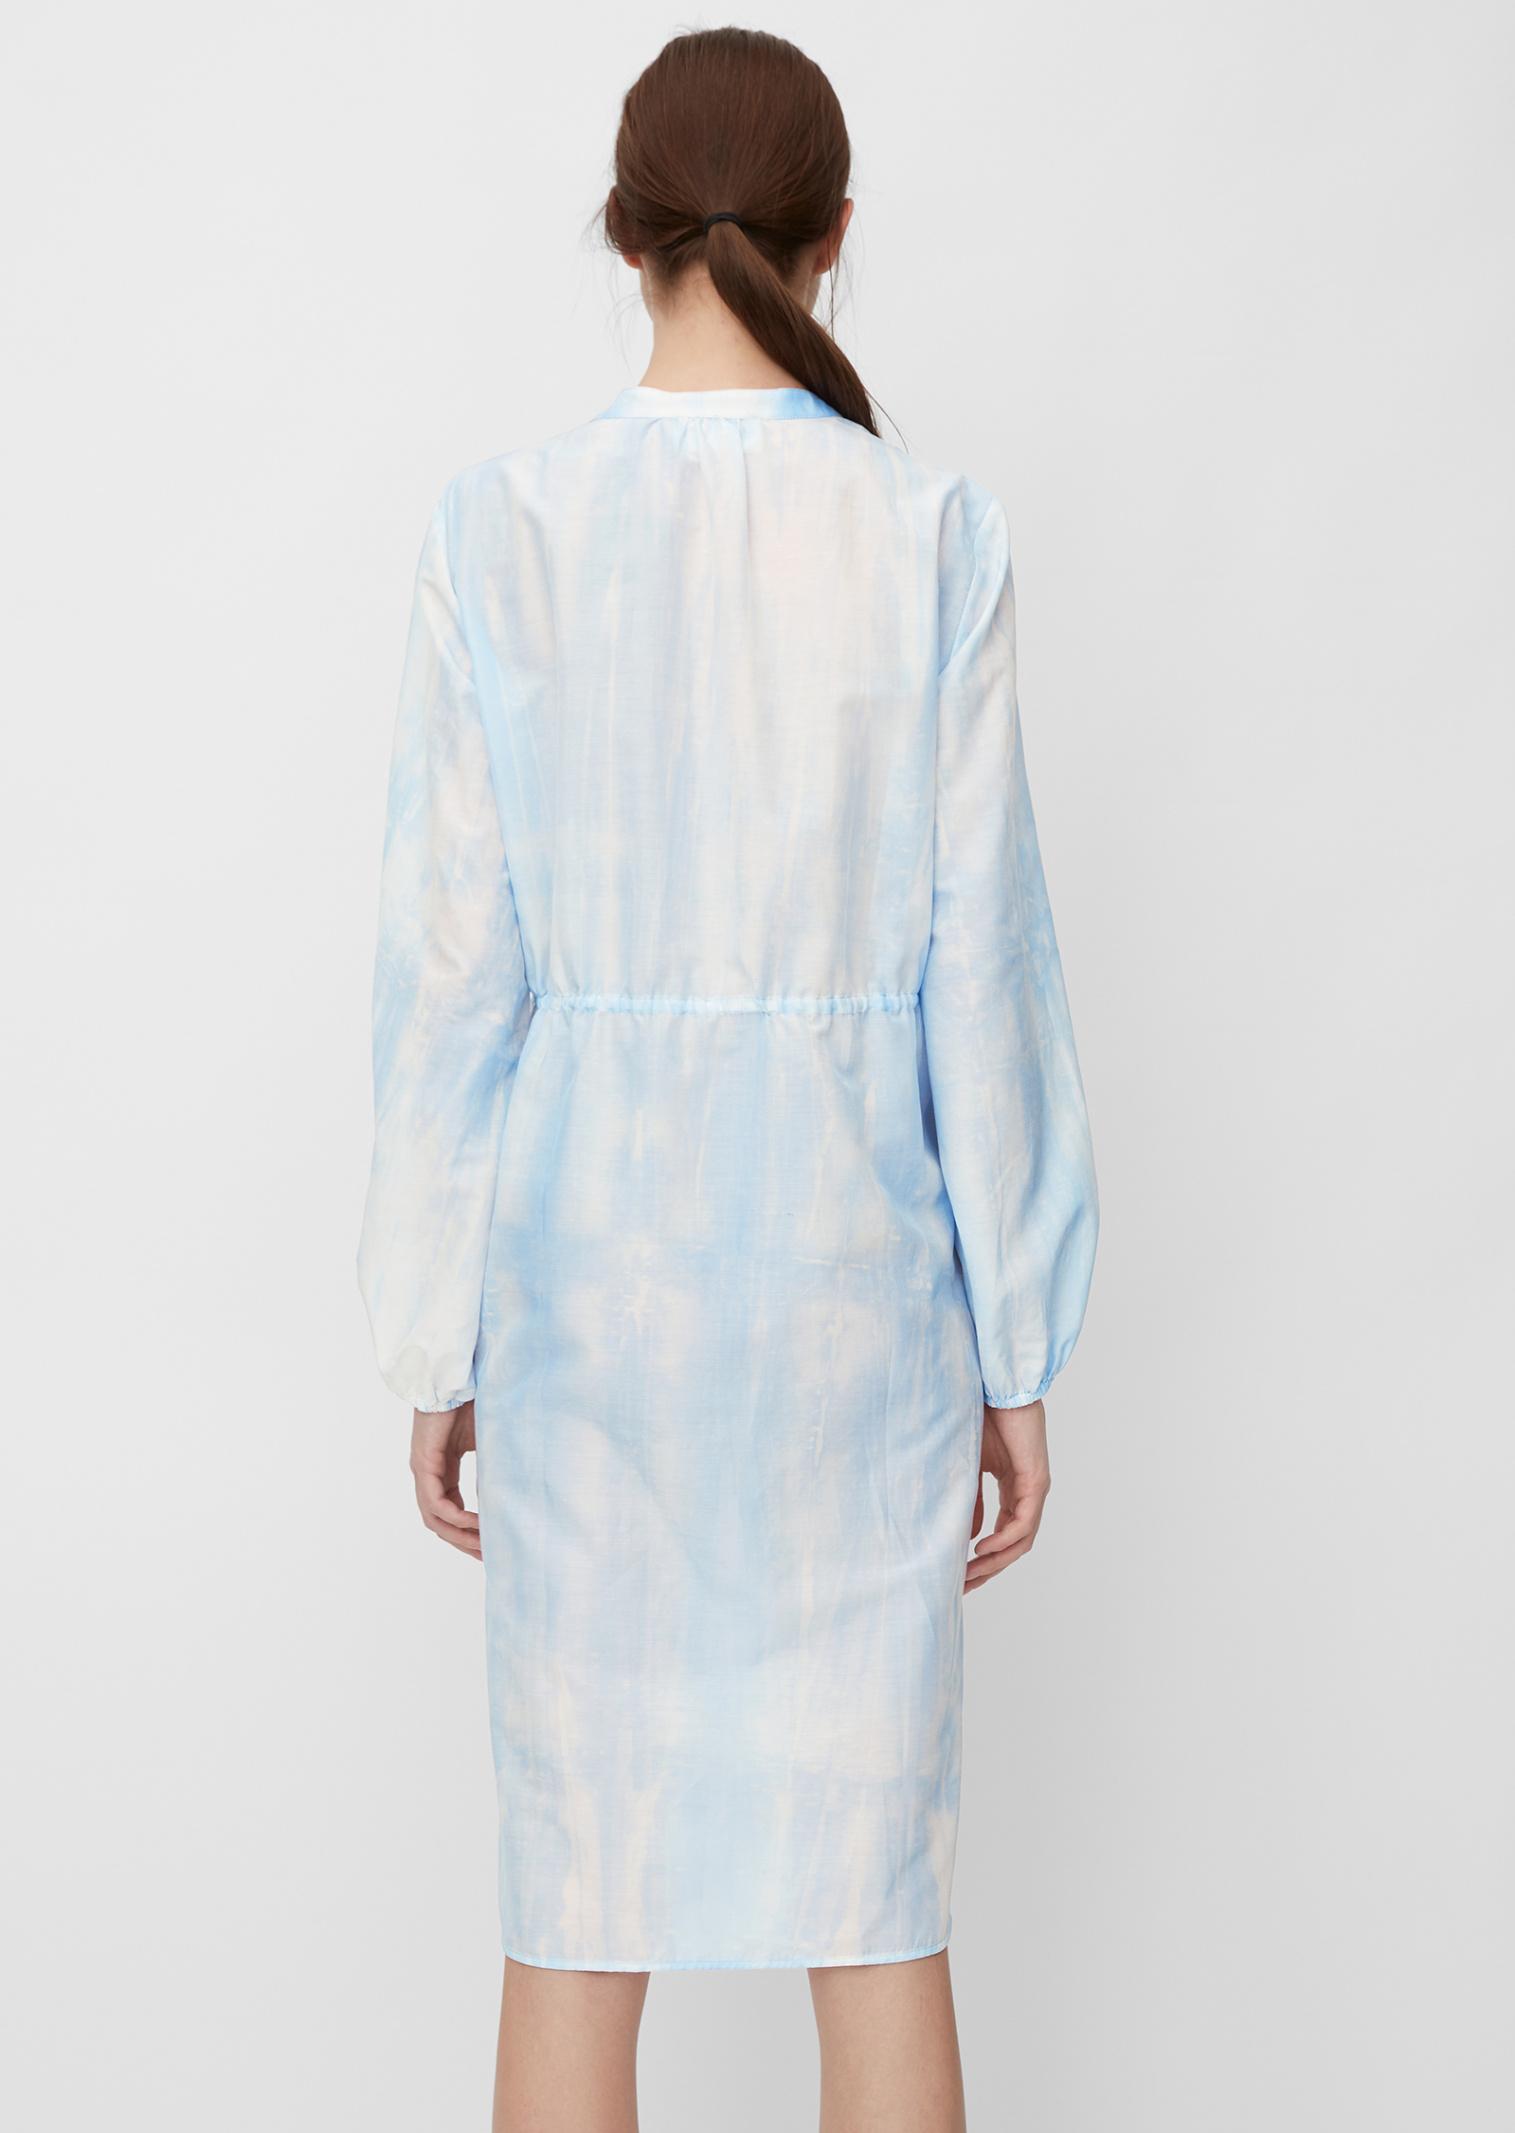 Marc O'Polo Сукня жіночі модель 004135521213-826 характеристики, 2017